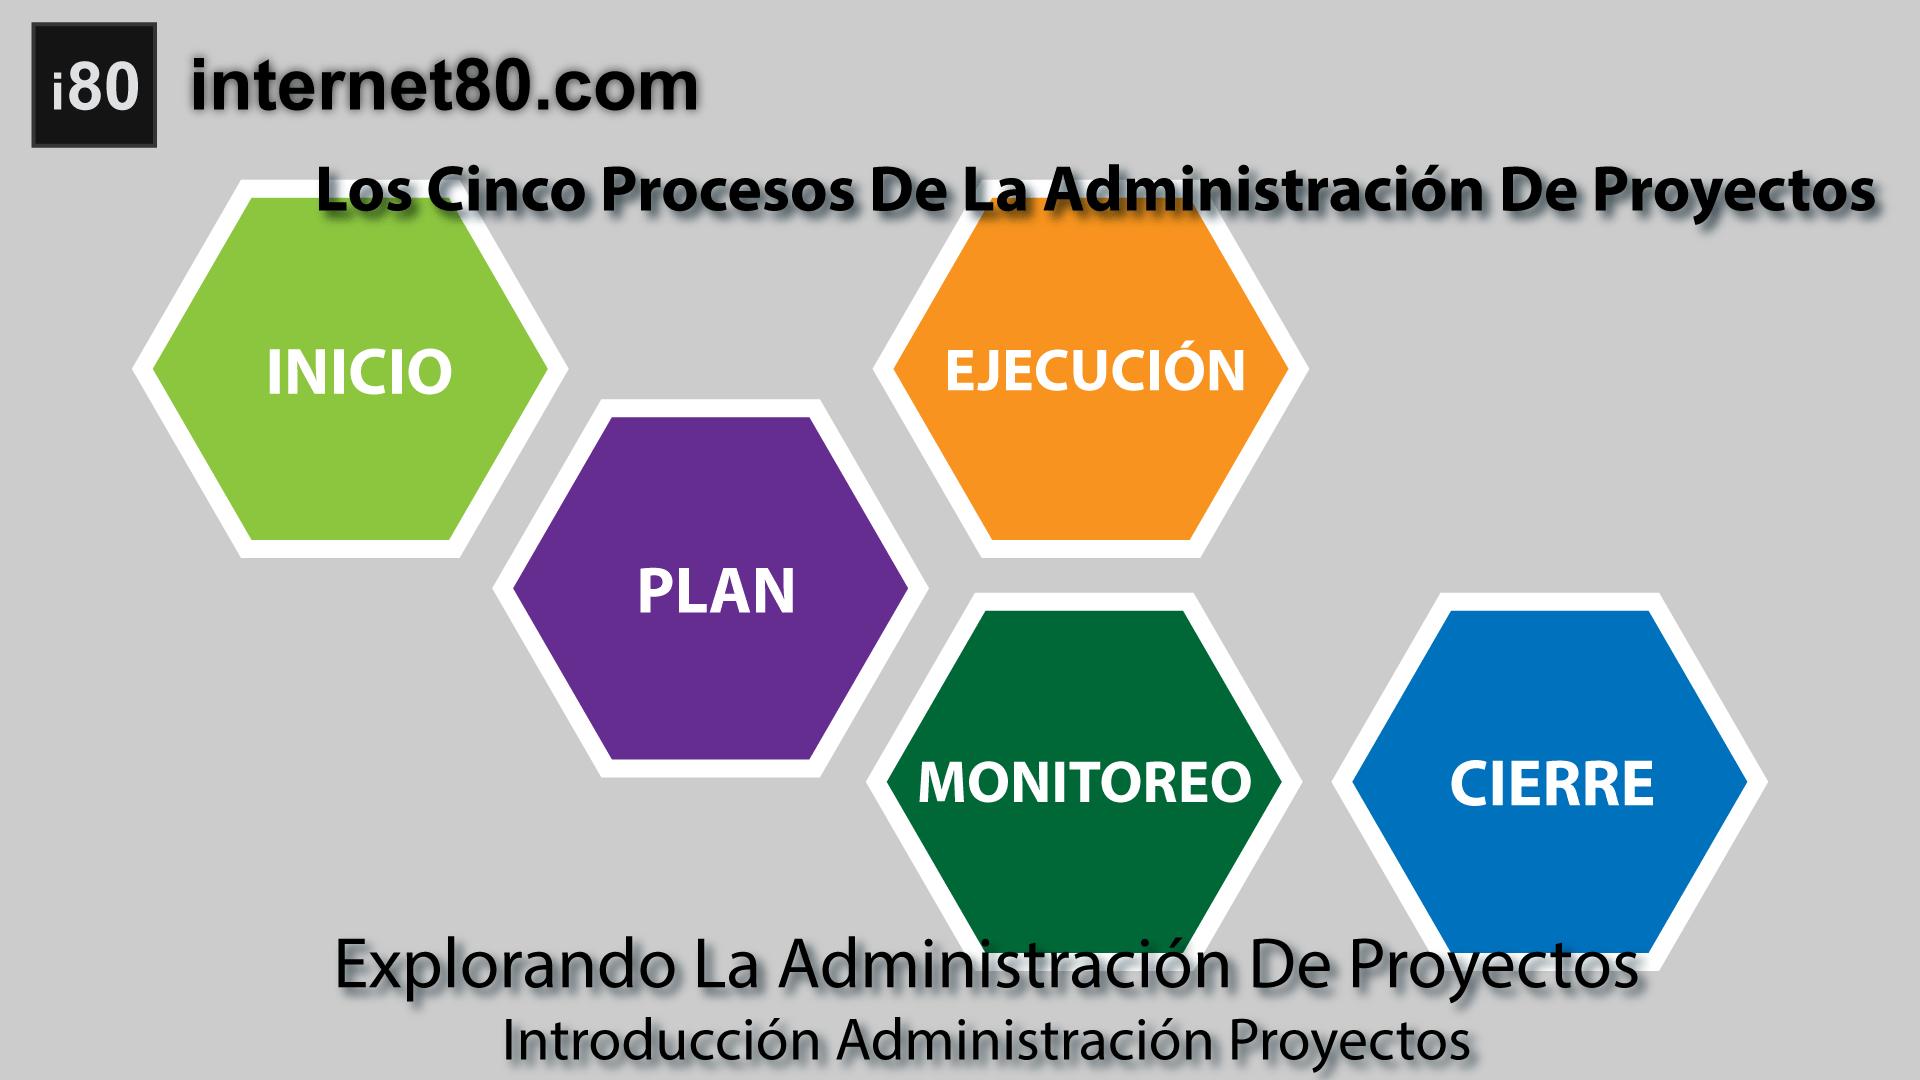 Los cinco procesos de la administraci n de proyectos for Administracion de proyectos